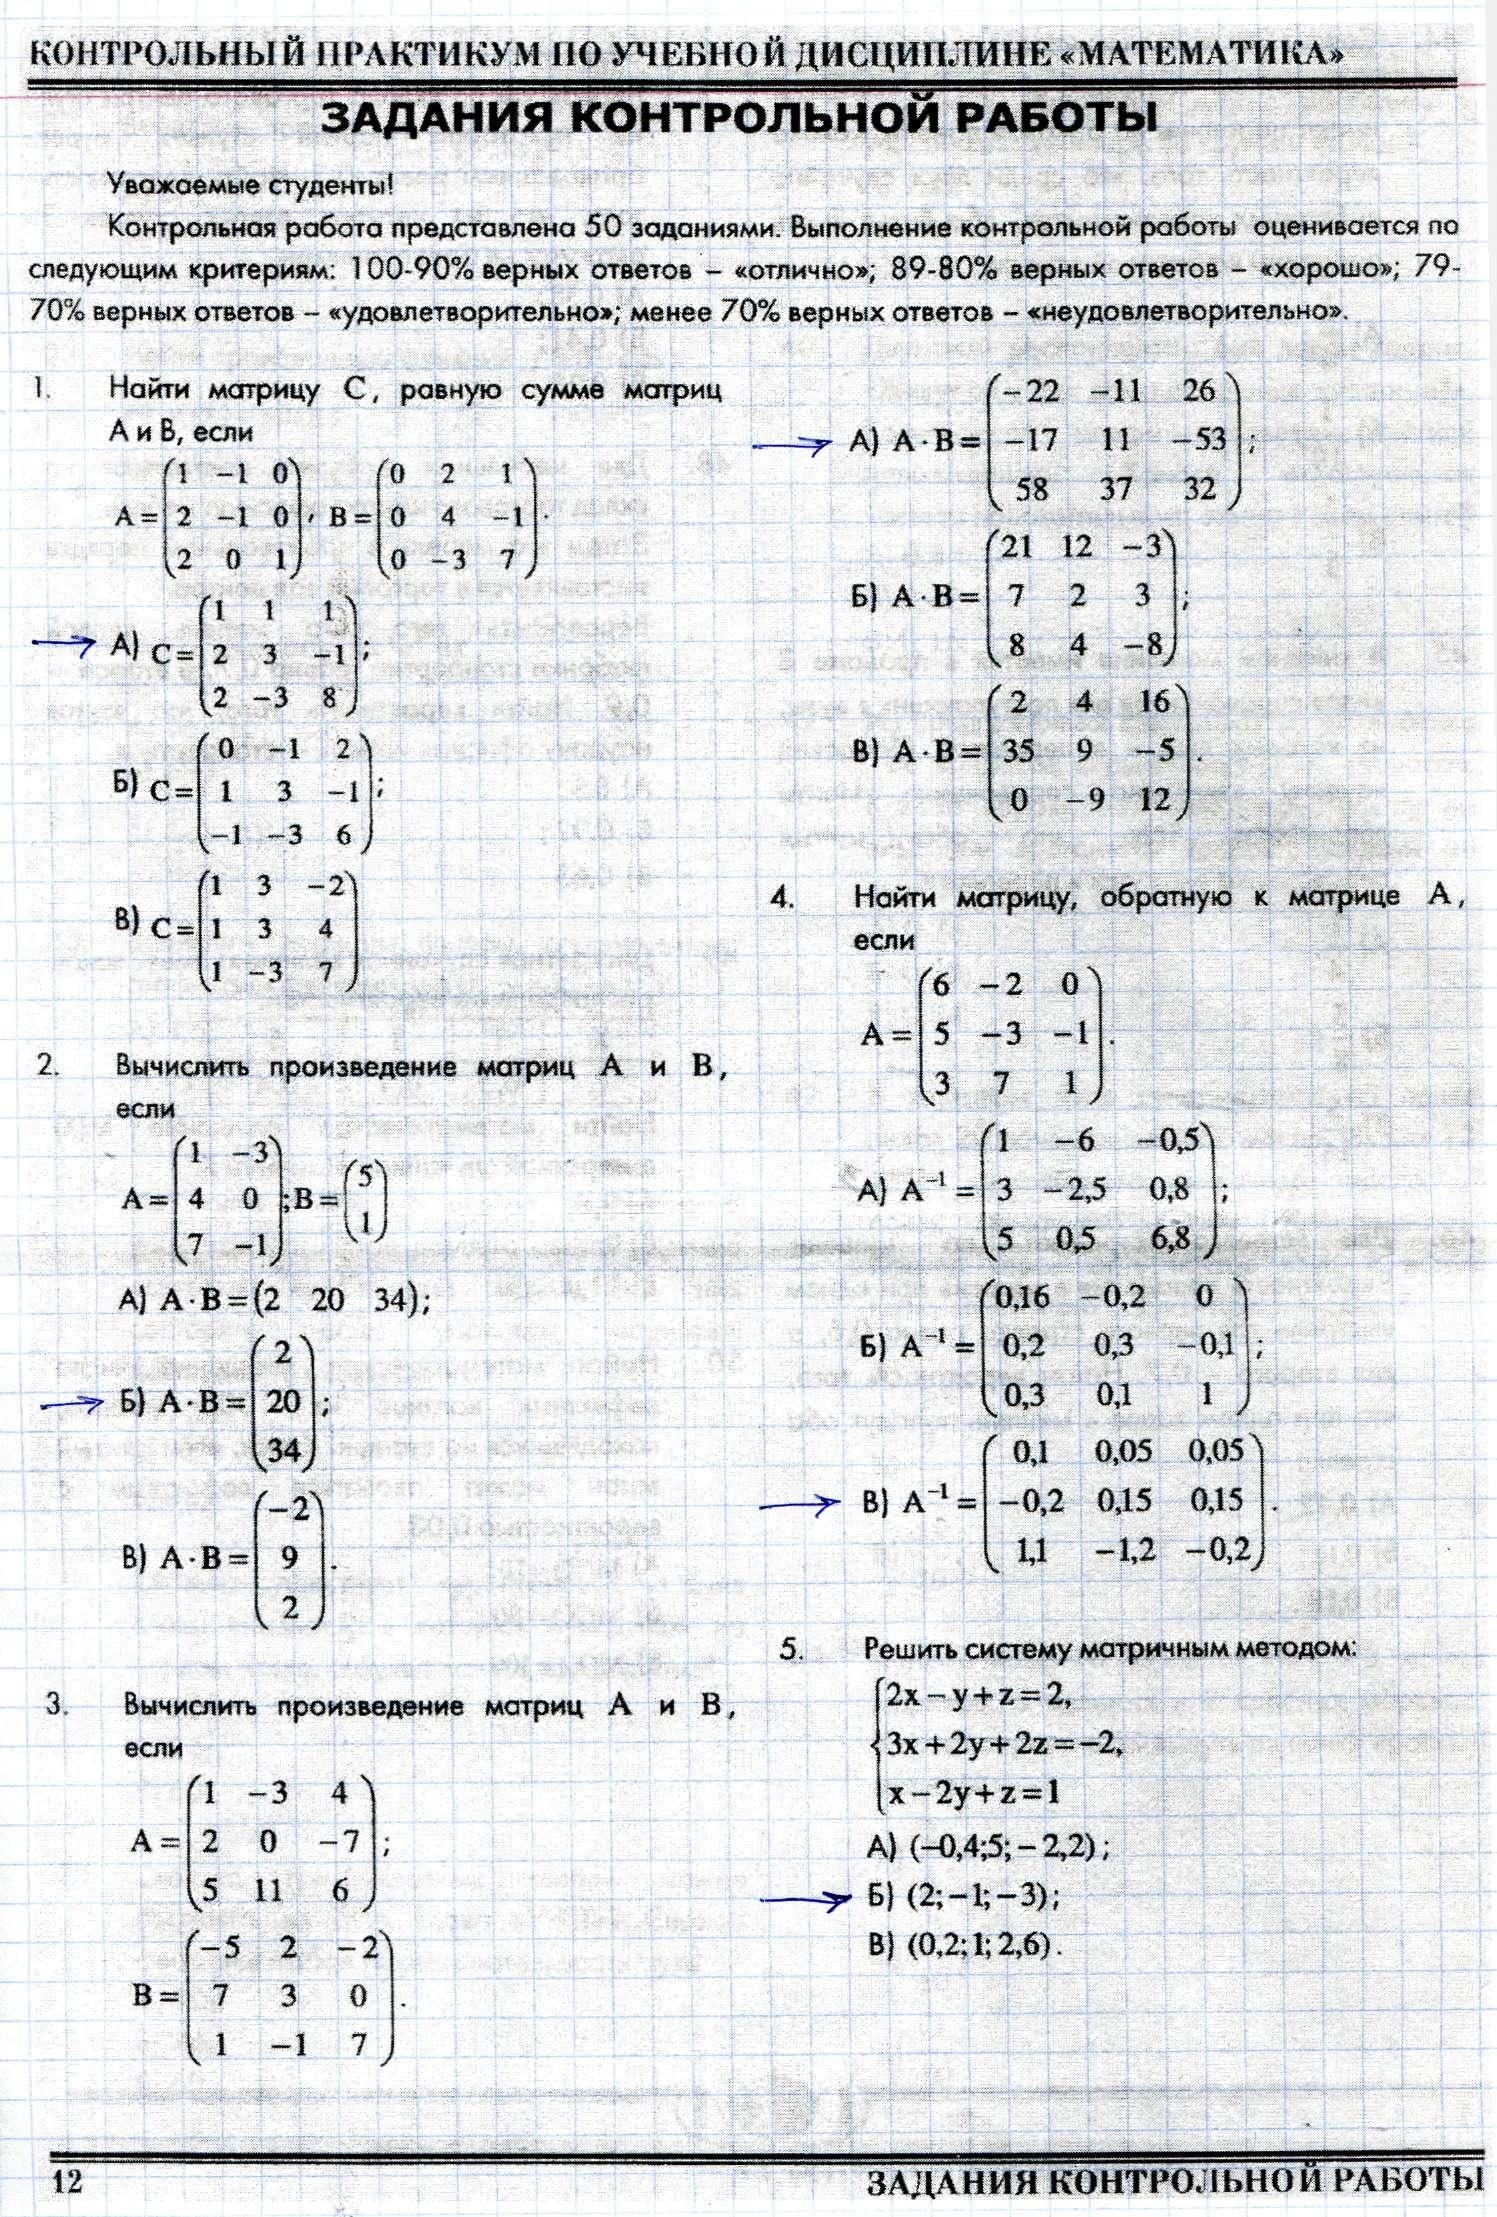 Контрольная работа по дисциплине математика > документы от  Контрольная работа по дисциплине математика